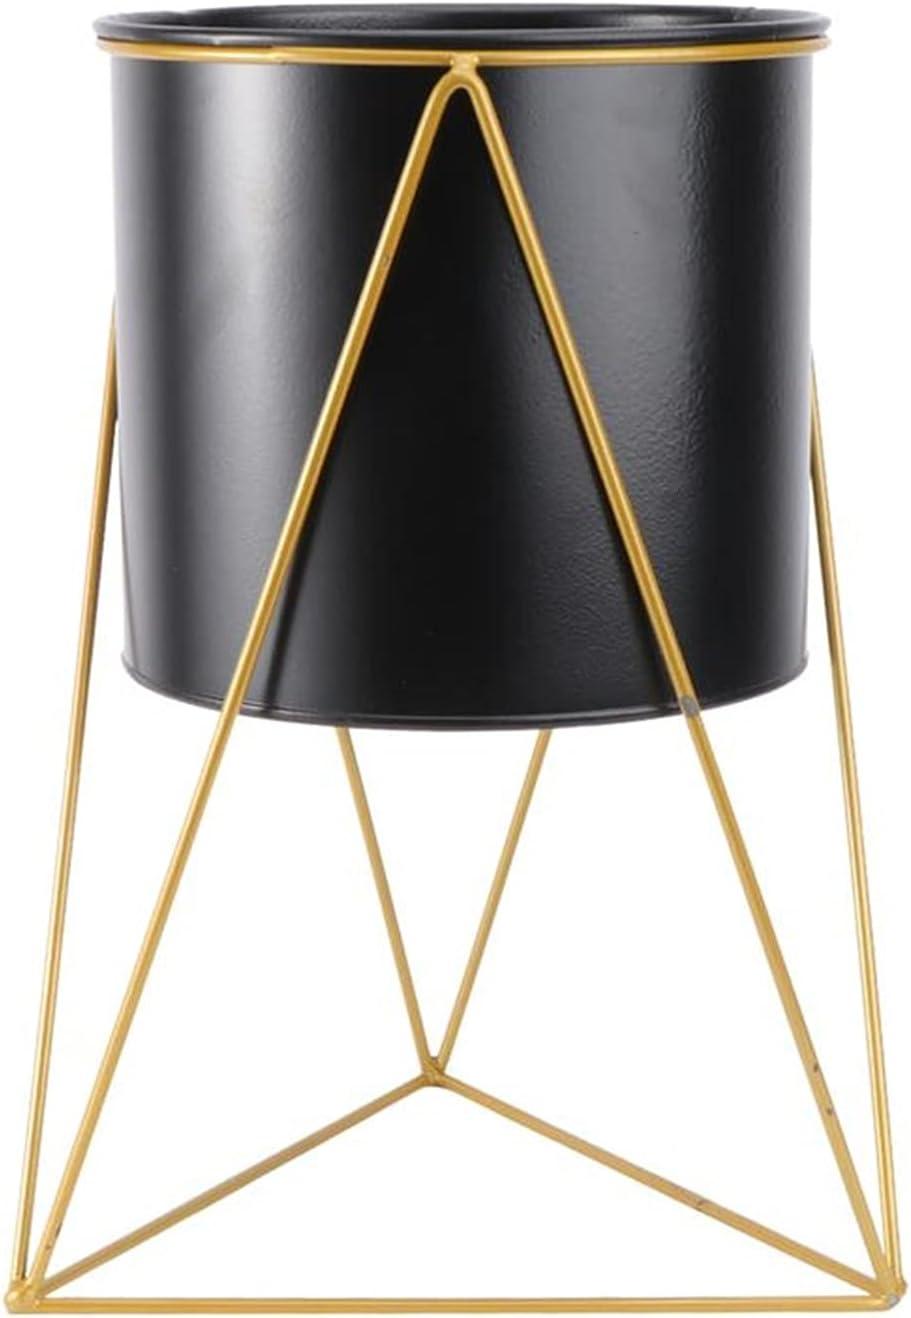 flower pot 1Pc Flowerpot Max 67% Finally popular brand OFF Metal Art Iron Plant Modern Decorative